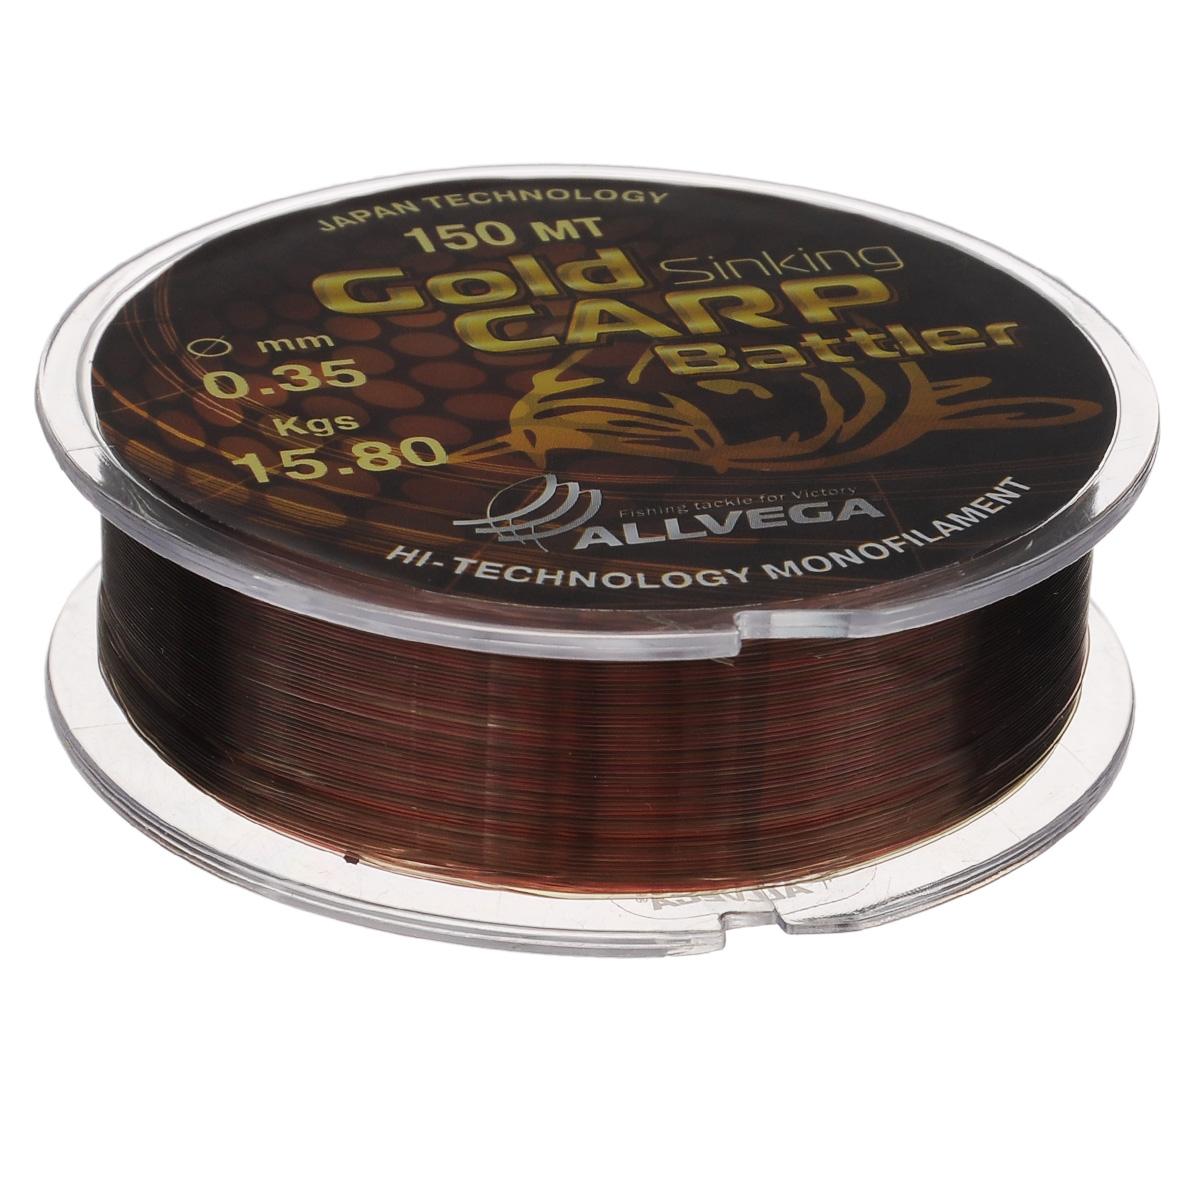 Леска Allvega Gold Karp Battler, цвет: коричневый, 150 м, 0,35 мм, 15,8 кг39951Карповая леска Allvega Gold Karp Battler была разработана для ловли действительно крупной рыбы. Способна противостоять большим нагрузкам в условиях густой растительности и коряжнике. Специальный цвет имеет неоднородную структуру, что позволяет быть не заметной на дне. Хорошо тонет, что является важным критерием для выбора карповой лески.